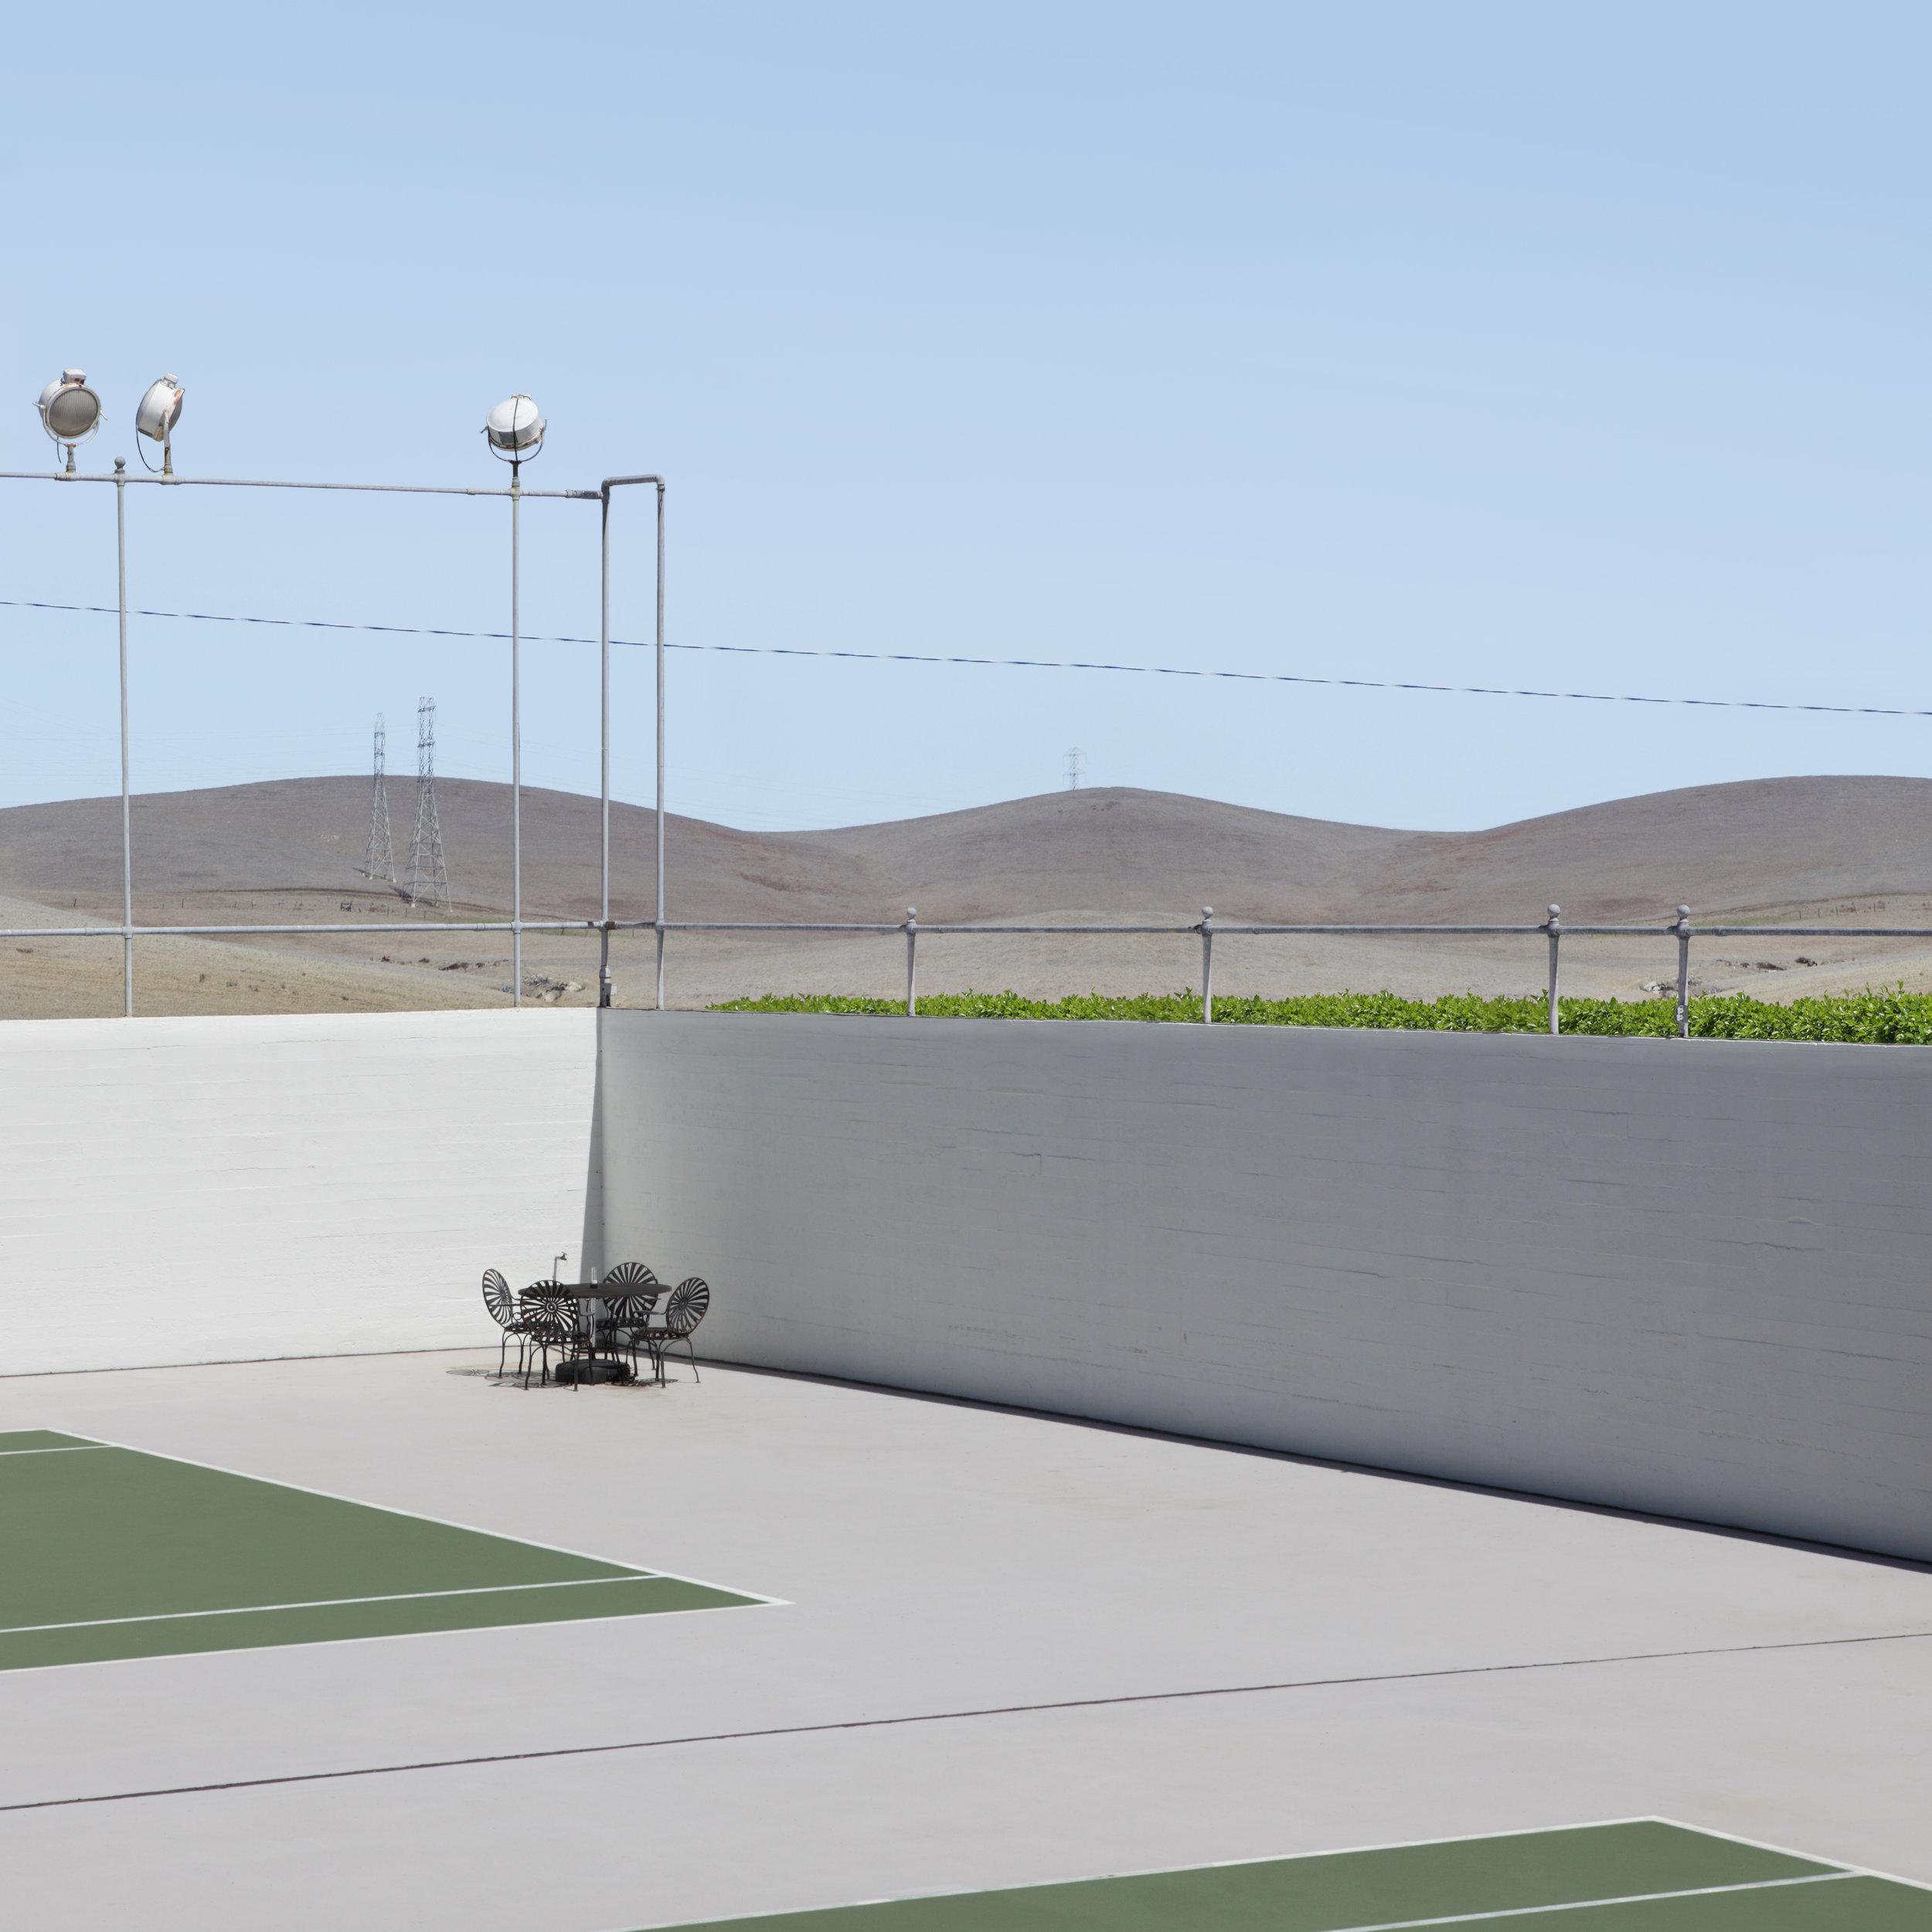 Tennis Court,2015  40 x 40 inches, 101,6 x 101,6 cm Ed. 1/7 +2 A.P. 30 x 30 inches, 76,2 x 76,2 cm Ed. 1/7 +2 A.P.